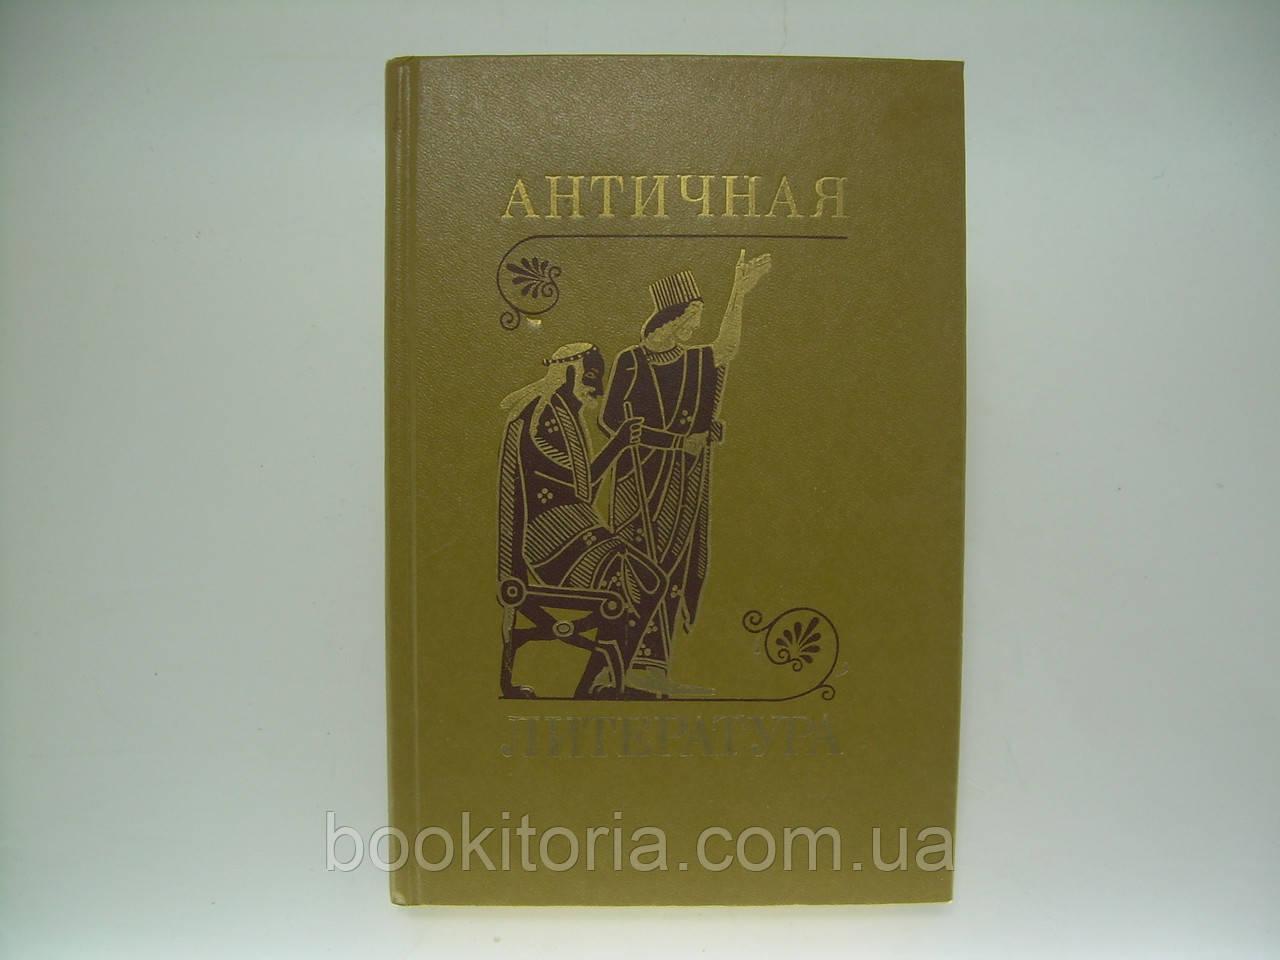 Лосев А.Ф. и др. Античная литература (б/у).